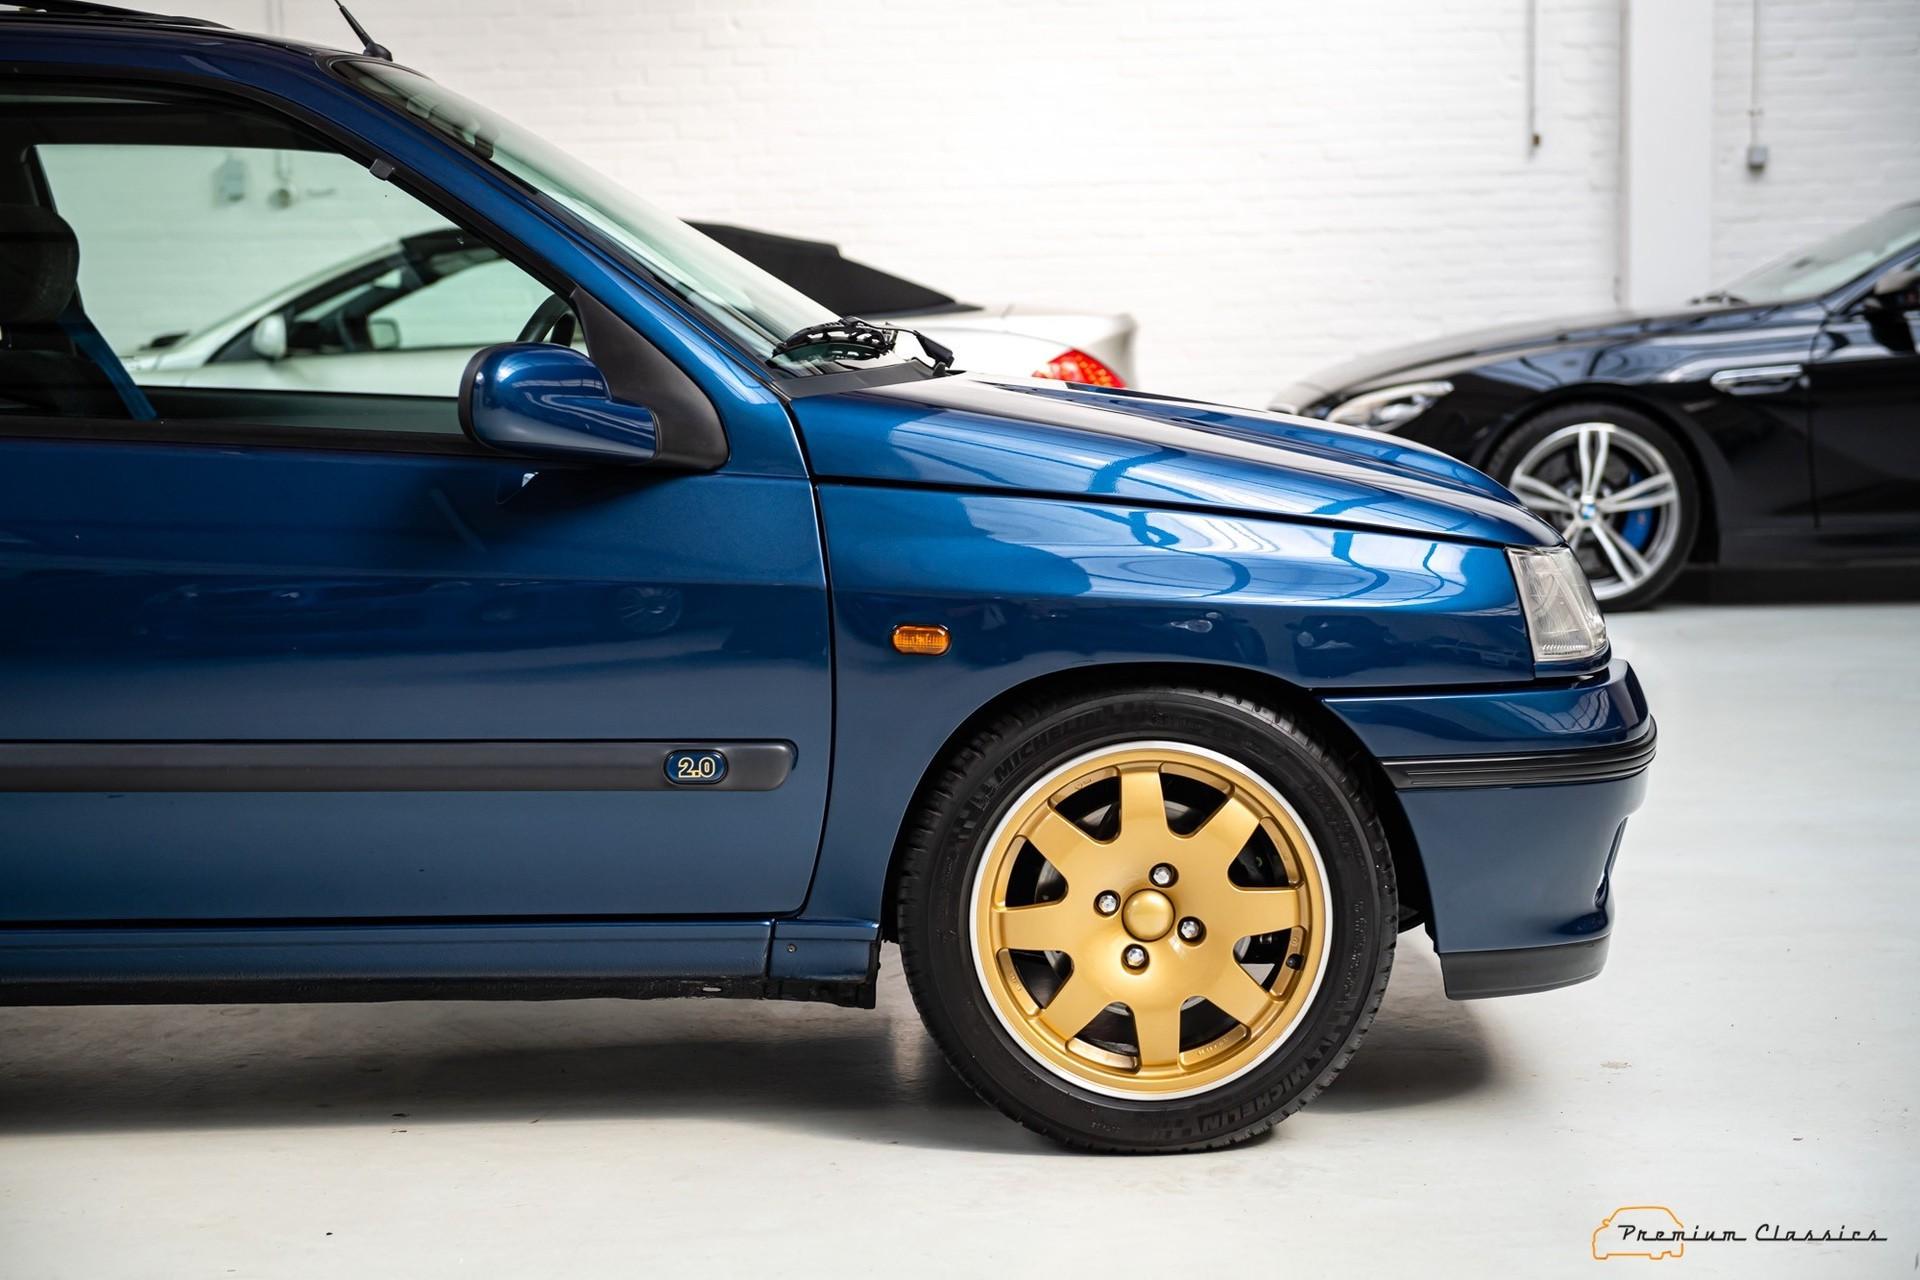 Renault_Clio_Williams_sale-0004